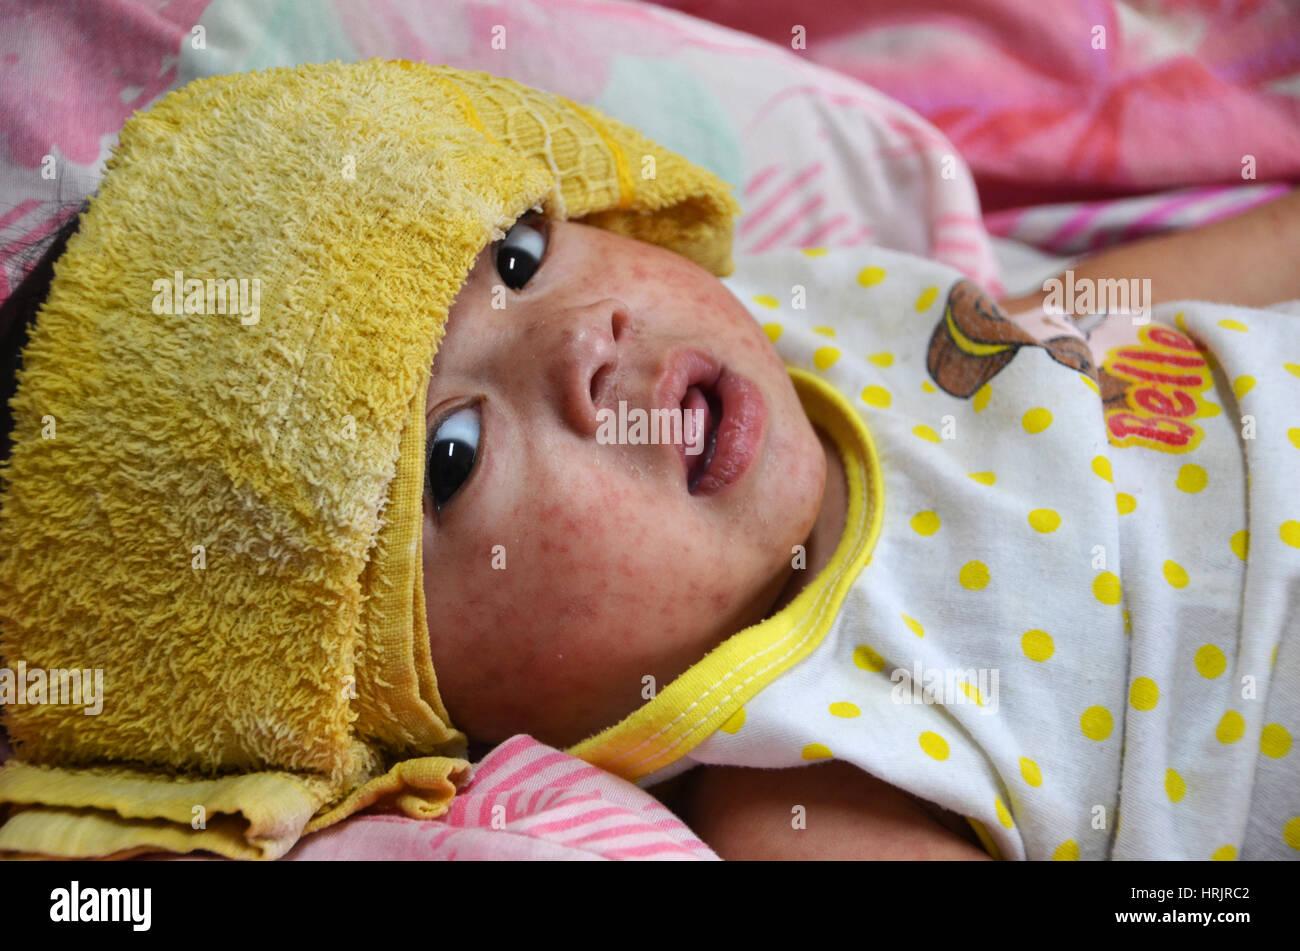 Bébé avec éruption de la rougeole, 2014 Photo Stock